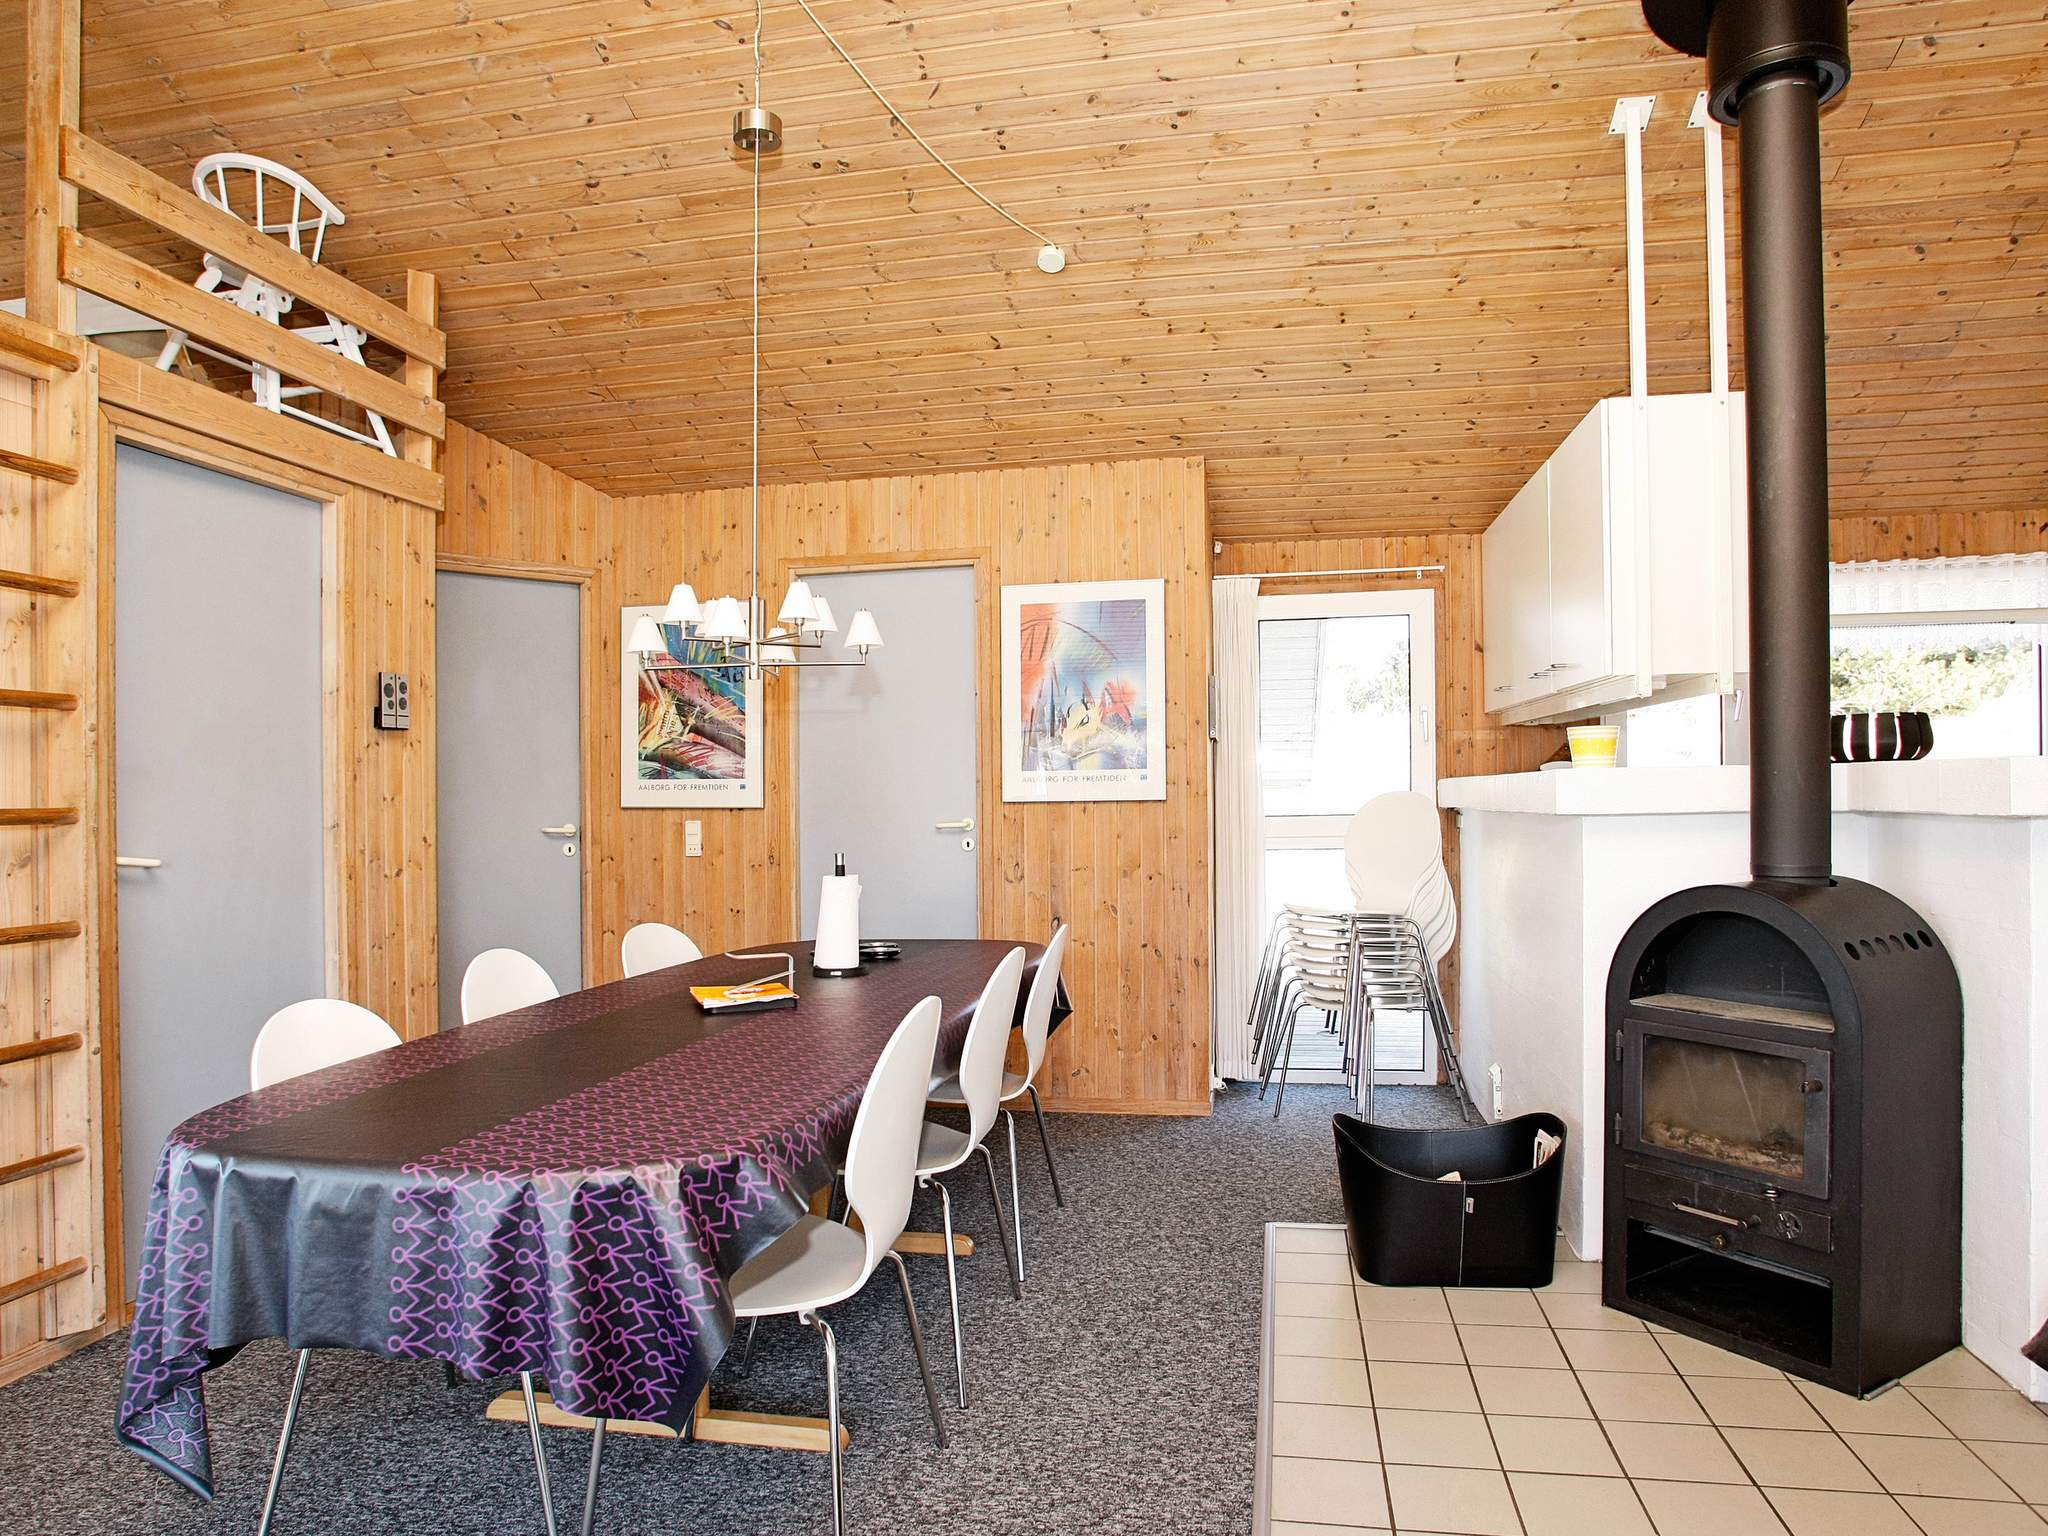 Ferienhaus Blokhus (83373), Blokhus, , Nordwestjütland, Dänemark, Bild 4